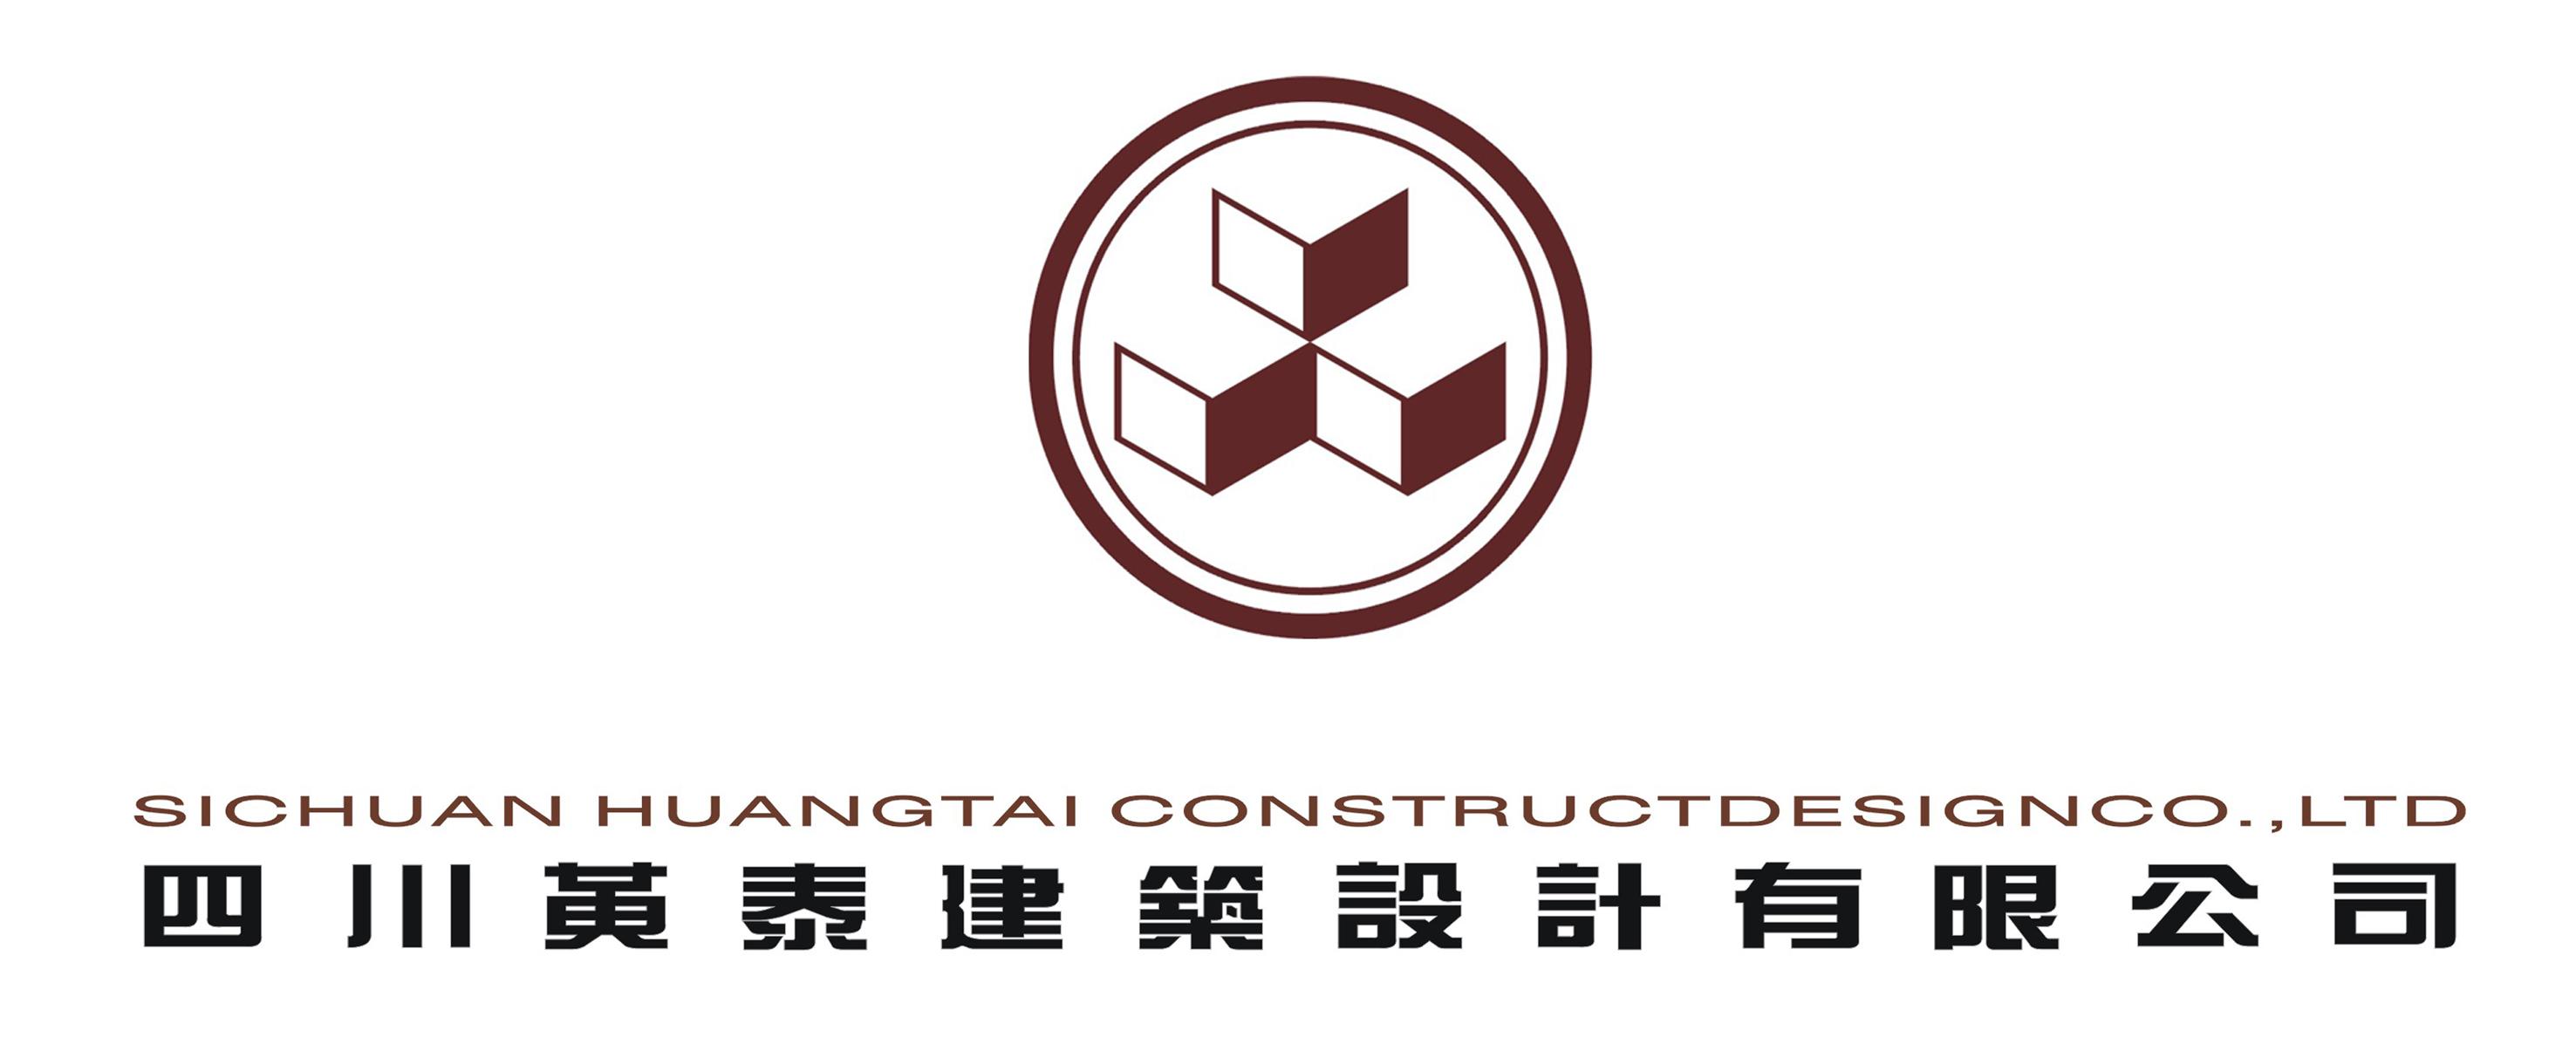 四川黄泰建筑设计有限公司最新招聘信息